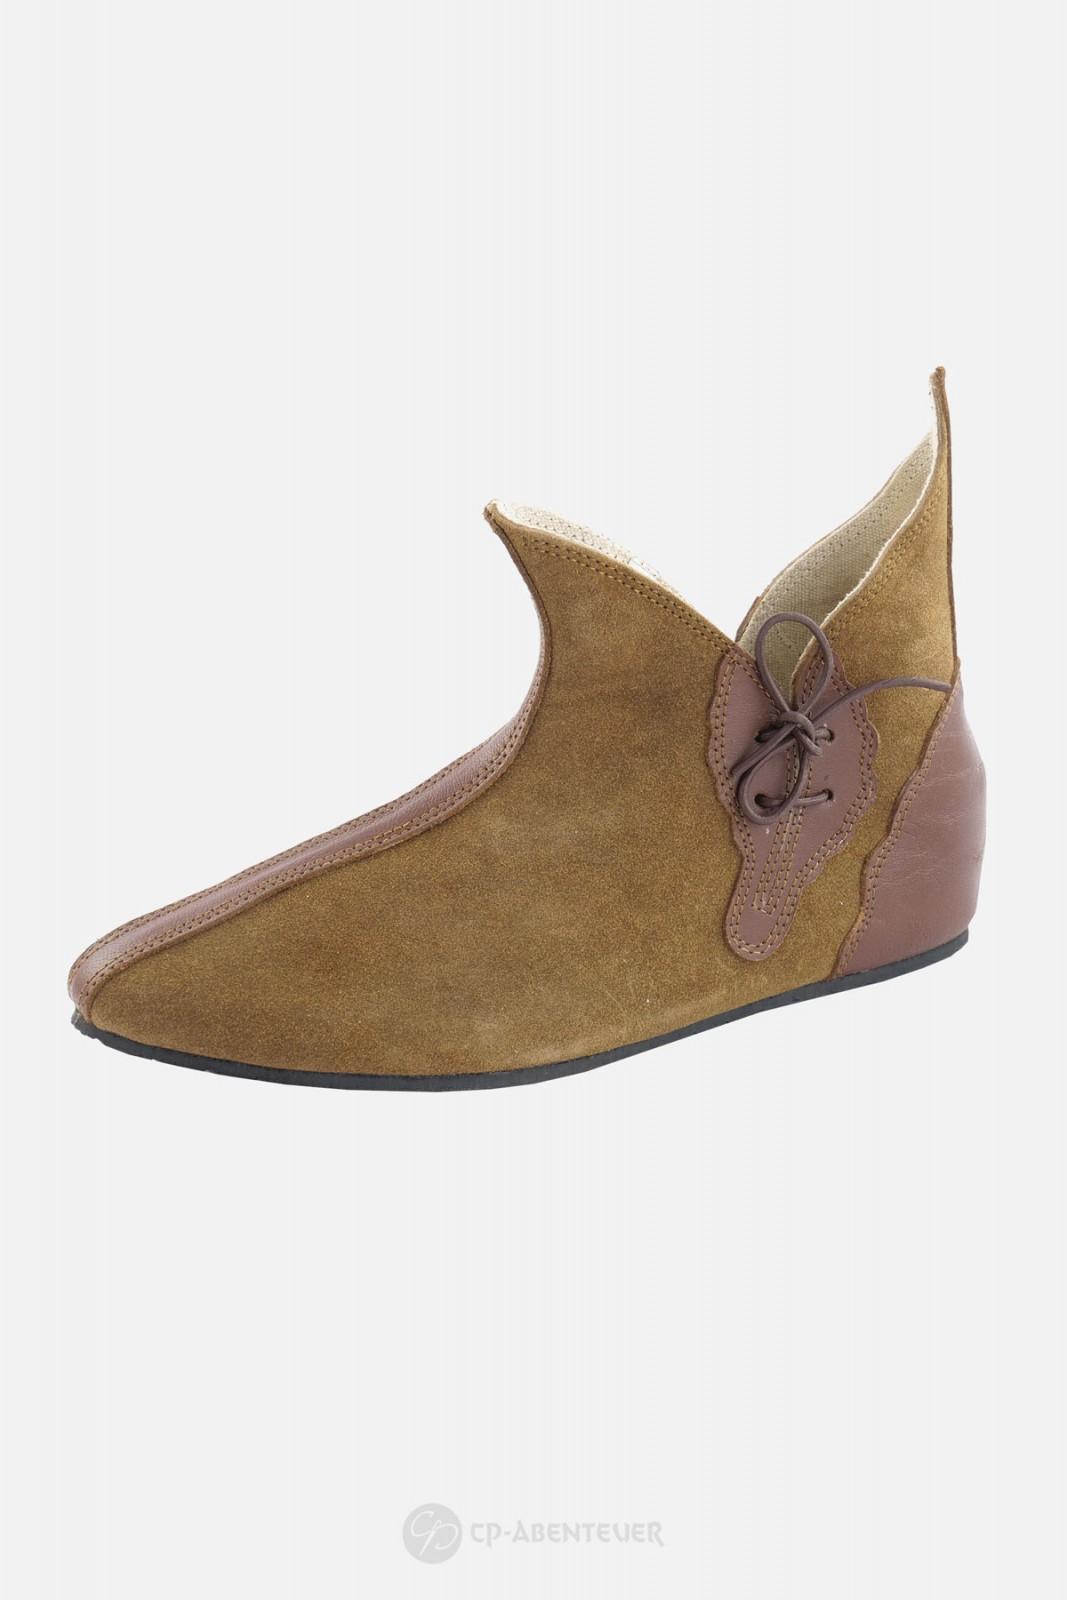 Leif - Schuhe, Braun